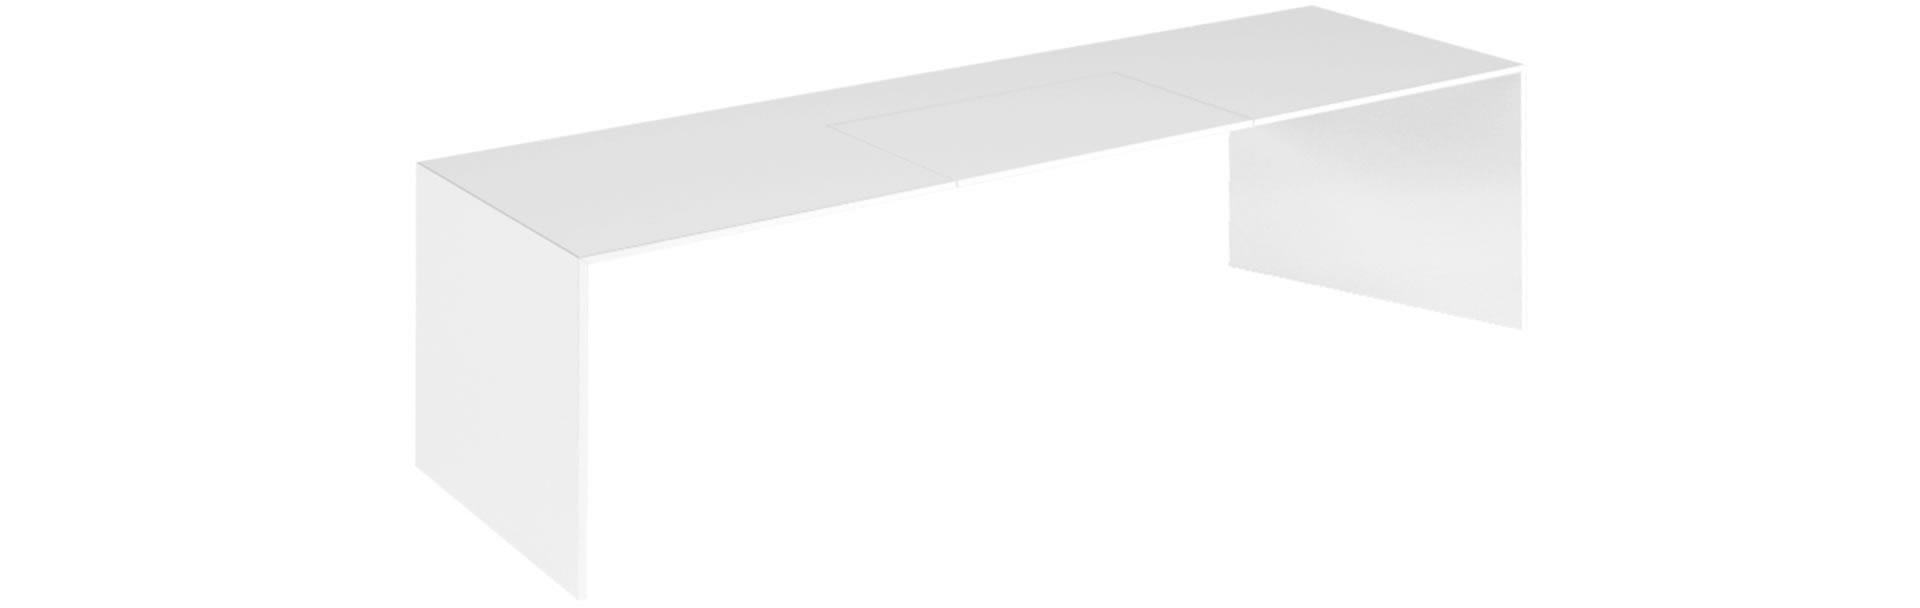 Kleiderschrank designpreis  Schreibtisch COMMENTOR online kaufen ▭ exklusiv Design-Tisch von ...